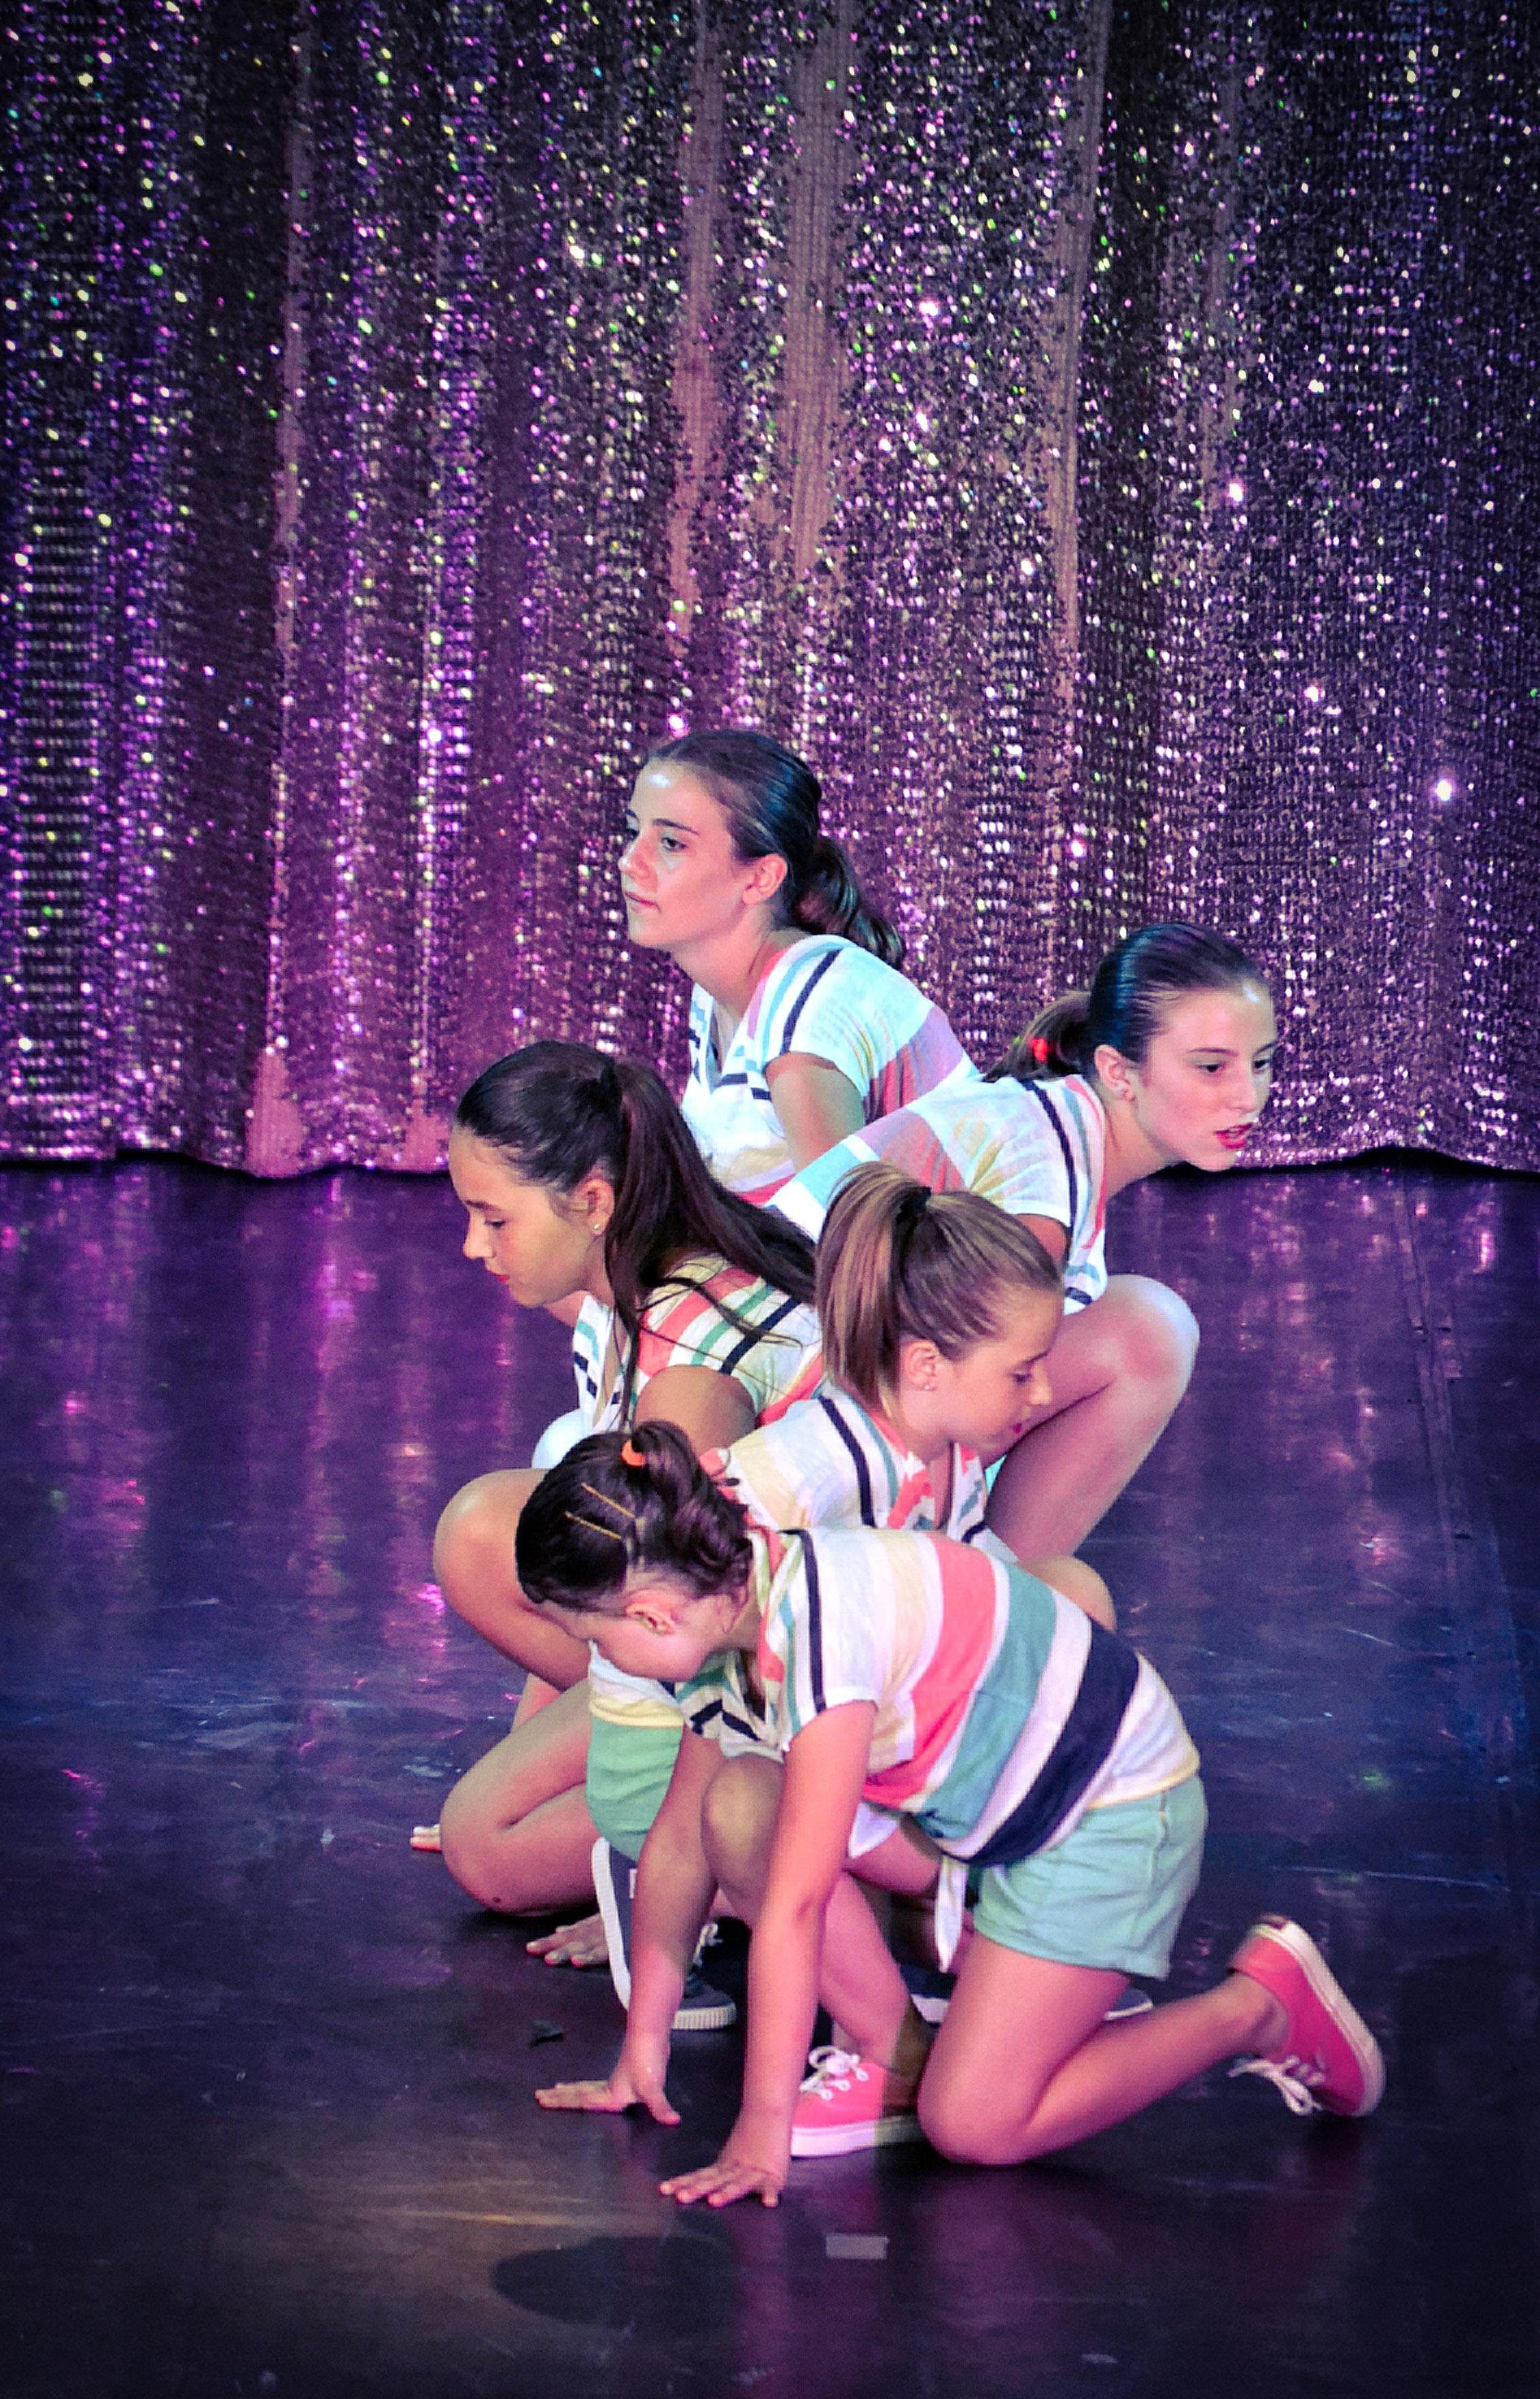 Linea-de-Baile-festival-verano-2015-clases-de-baile-valencia-170